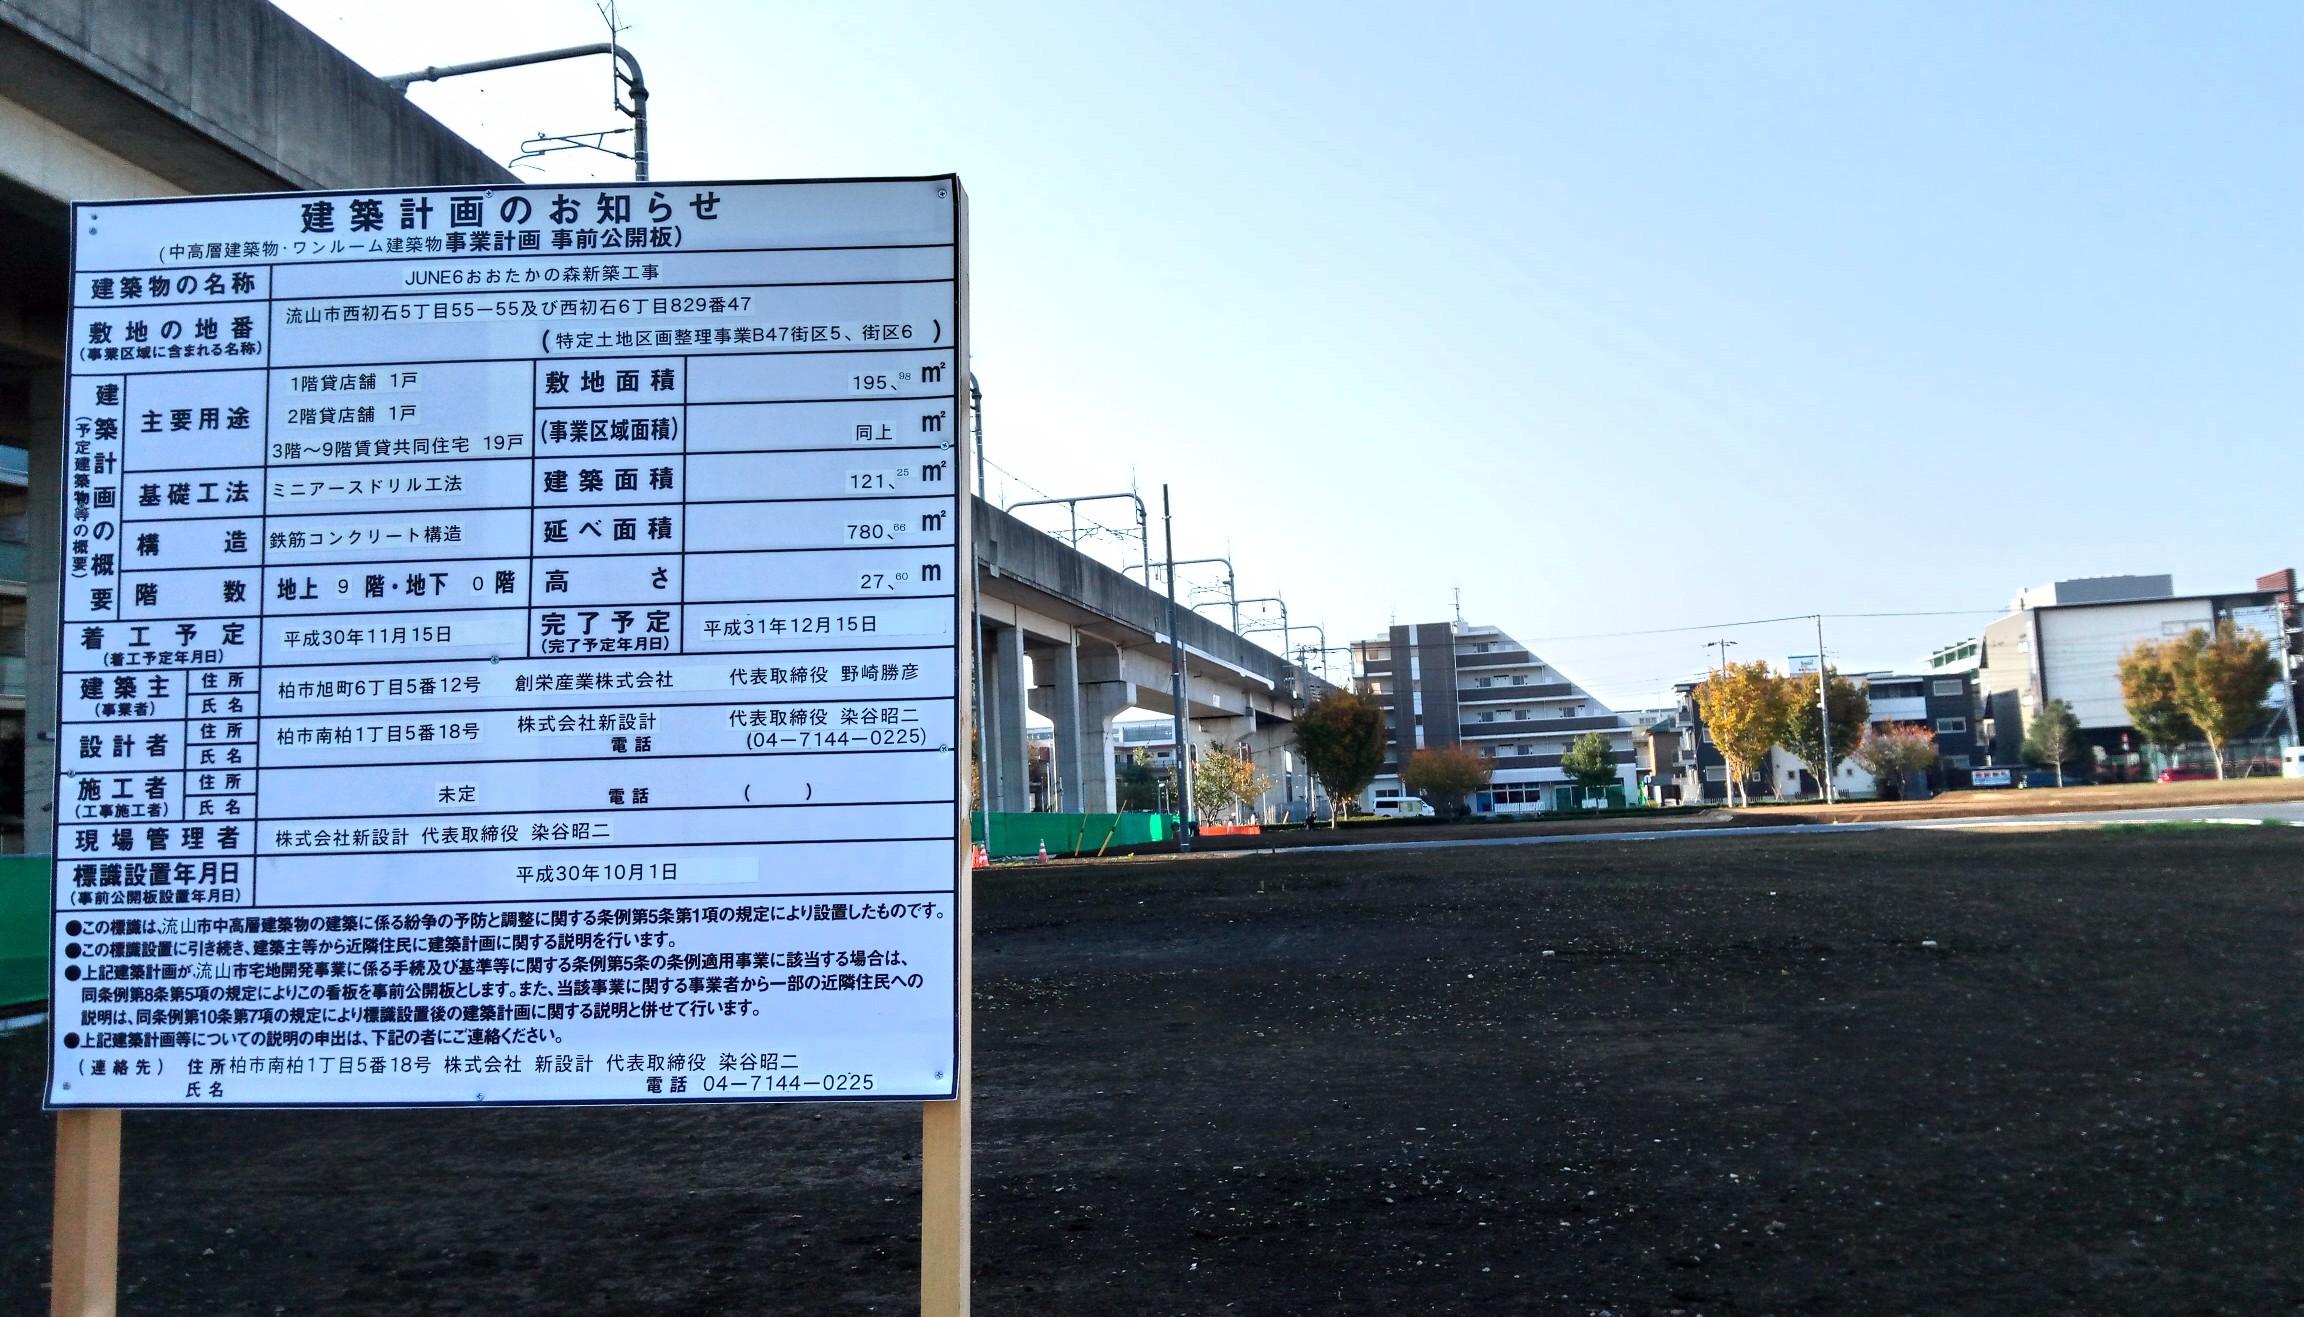 1、2階は店舗、3〜9階は賃貸住宅19戸